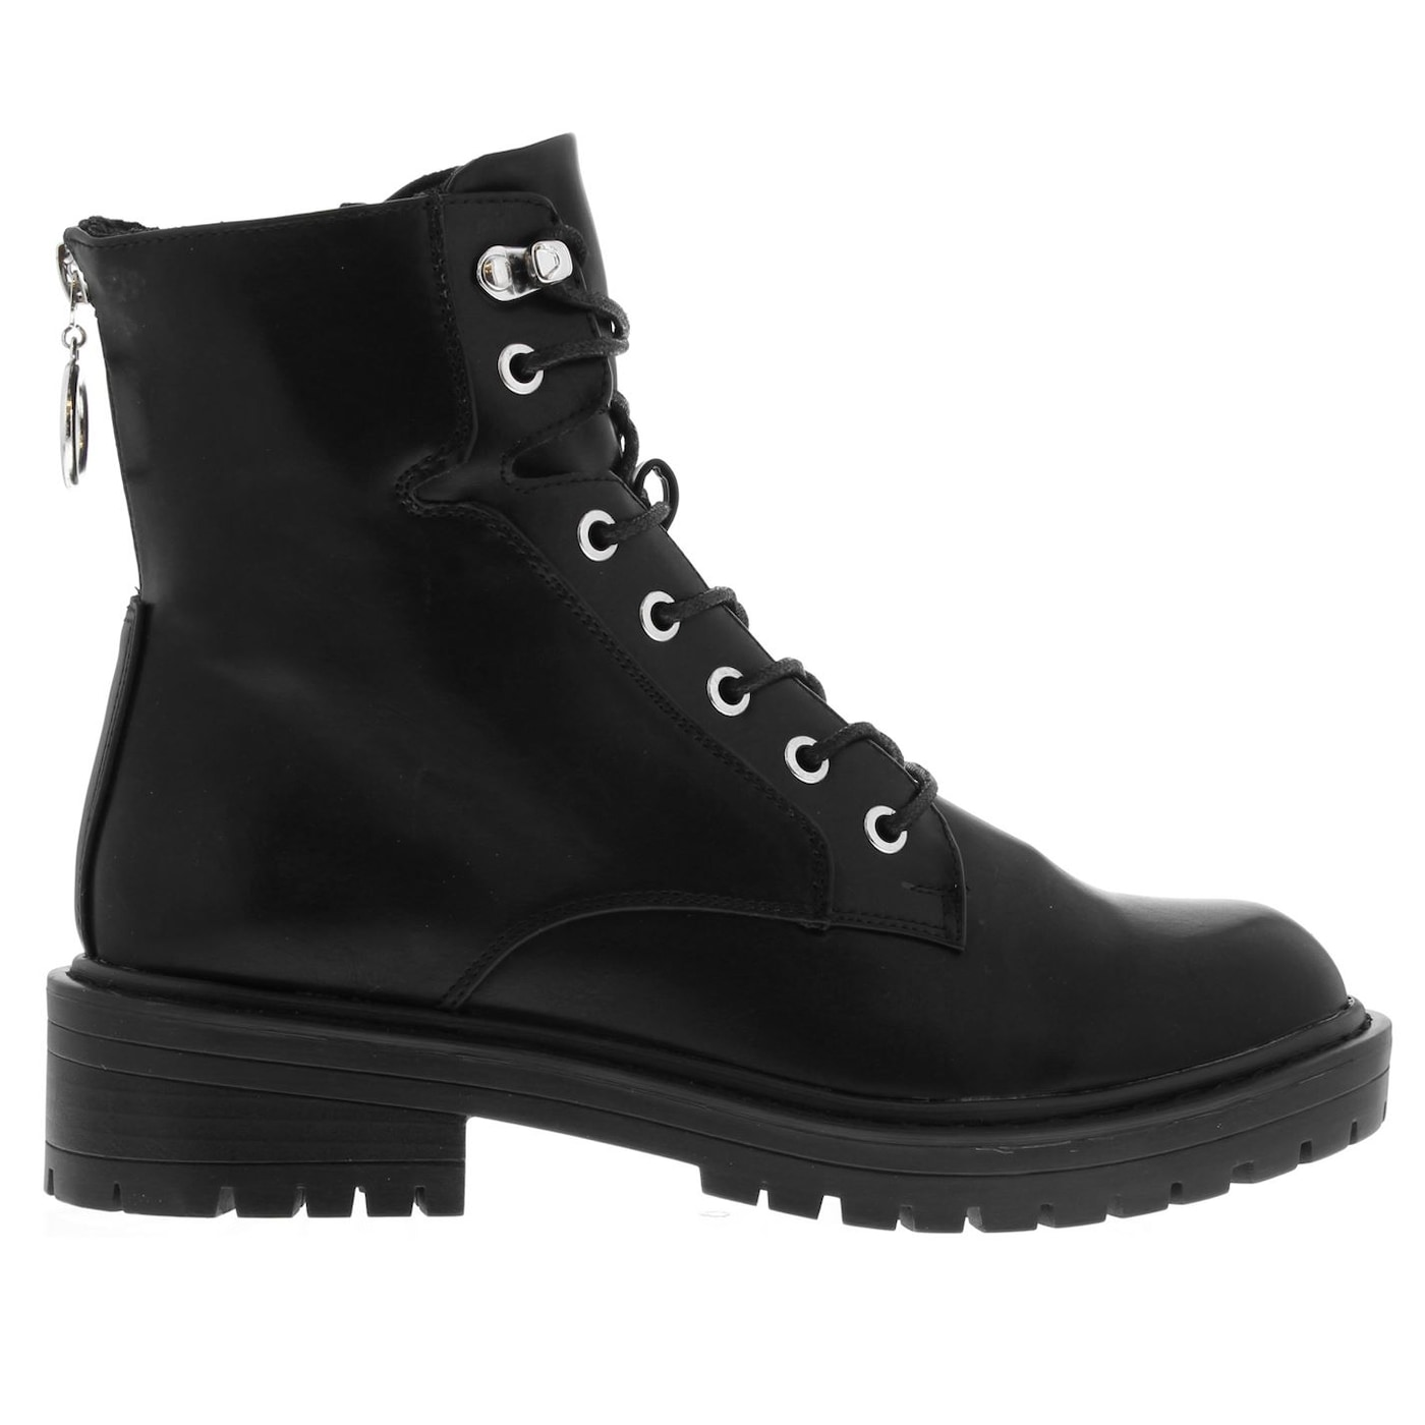 Firetrap Stepper Boots